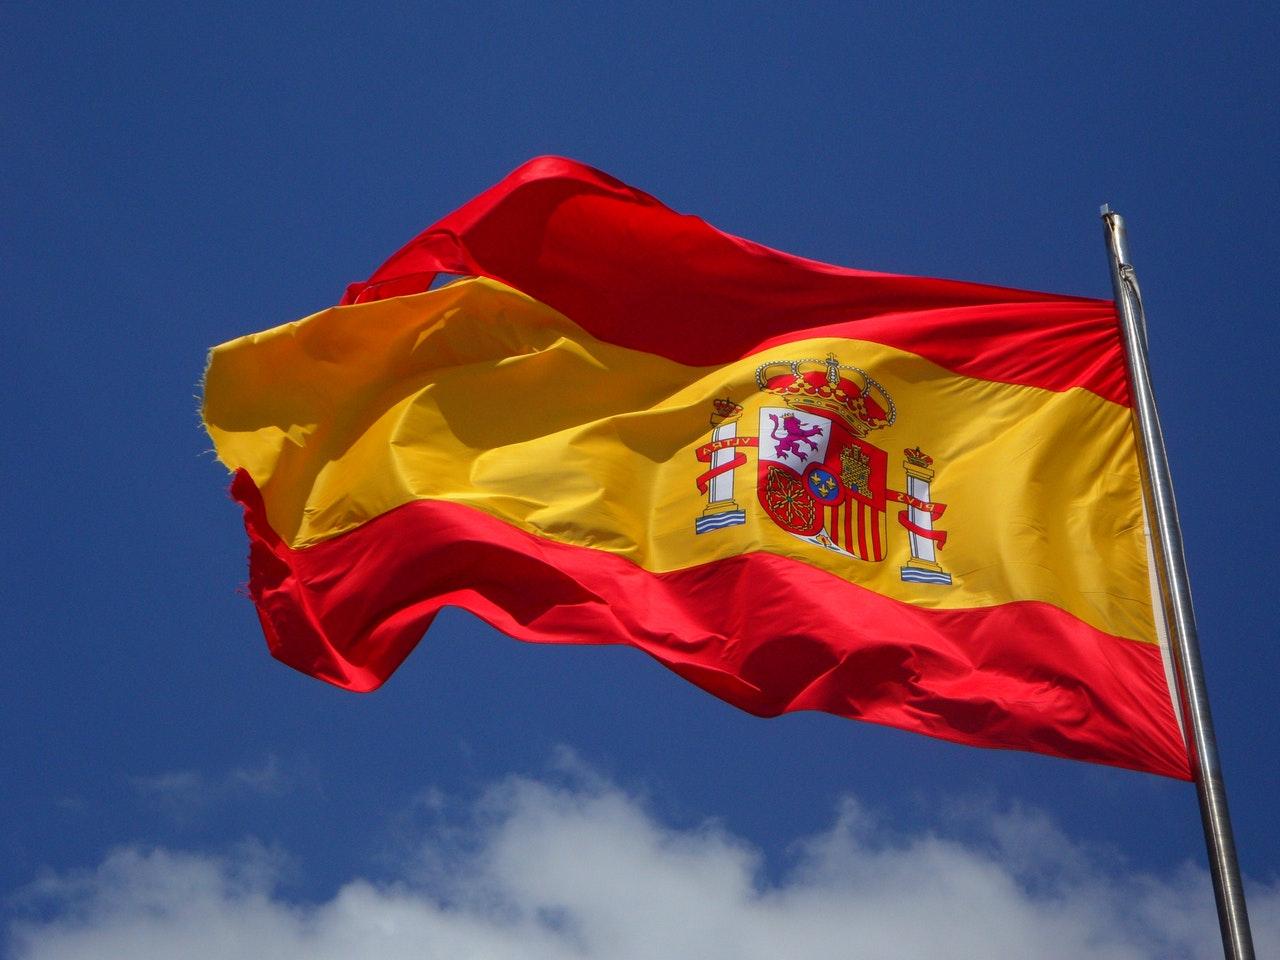 spain-flag-flutter-spanish-54097.jpeg